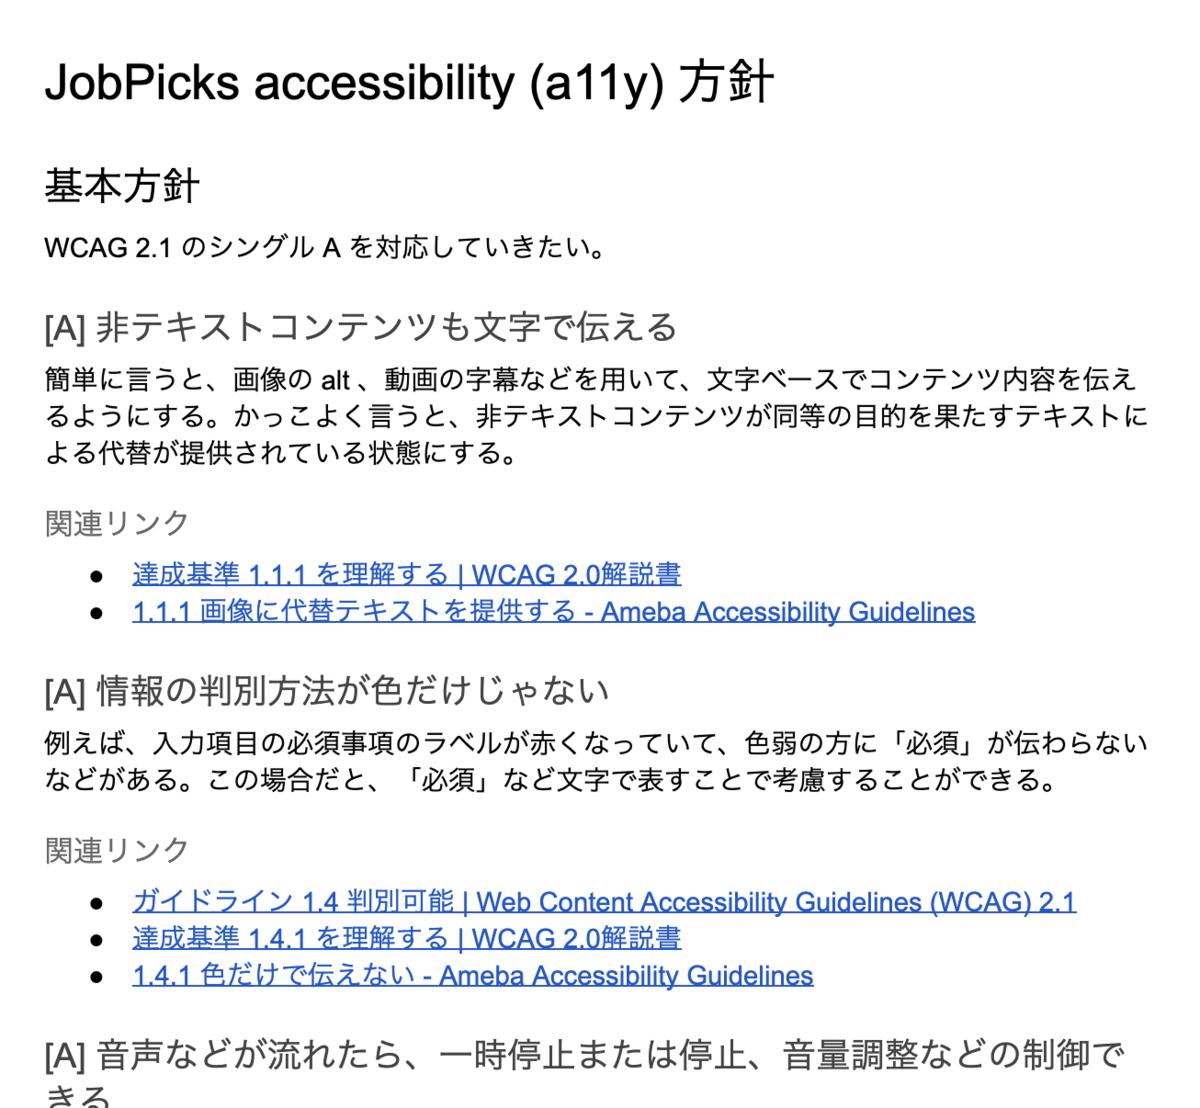 実際にチーム内で共有した Document 『JobPicks accessibility (a11y) 方針』の一部